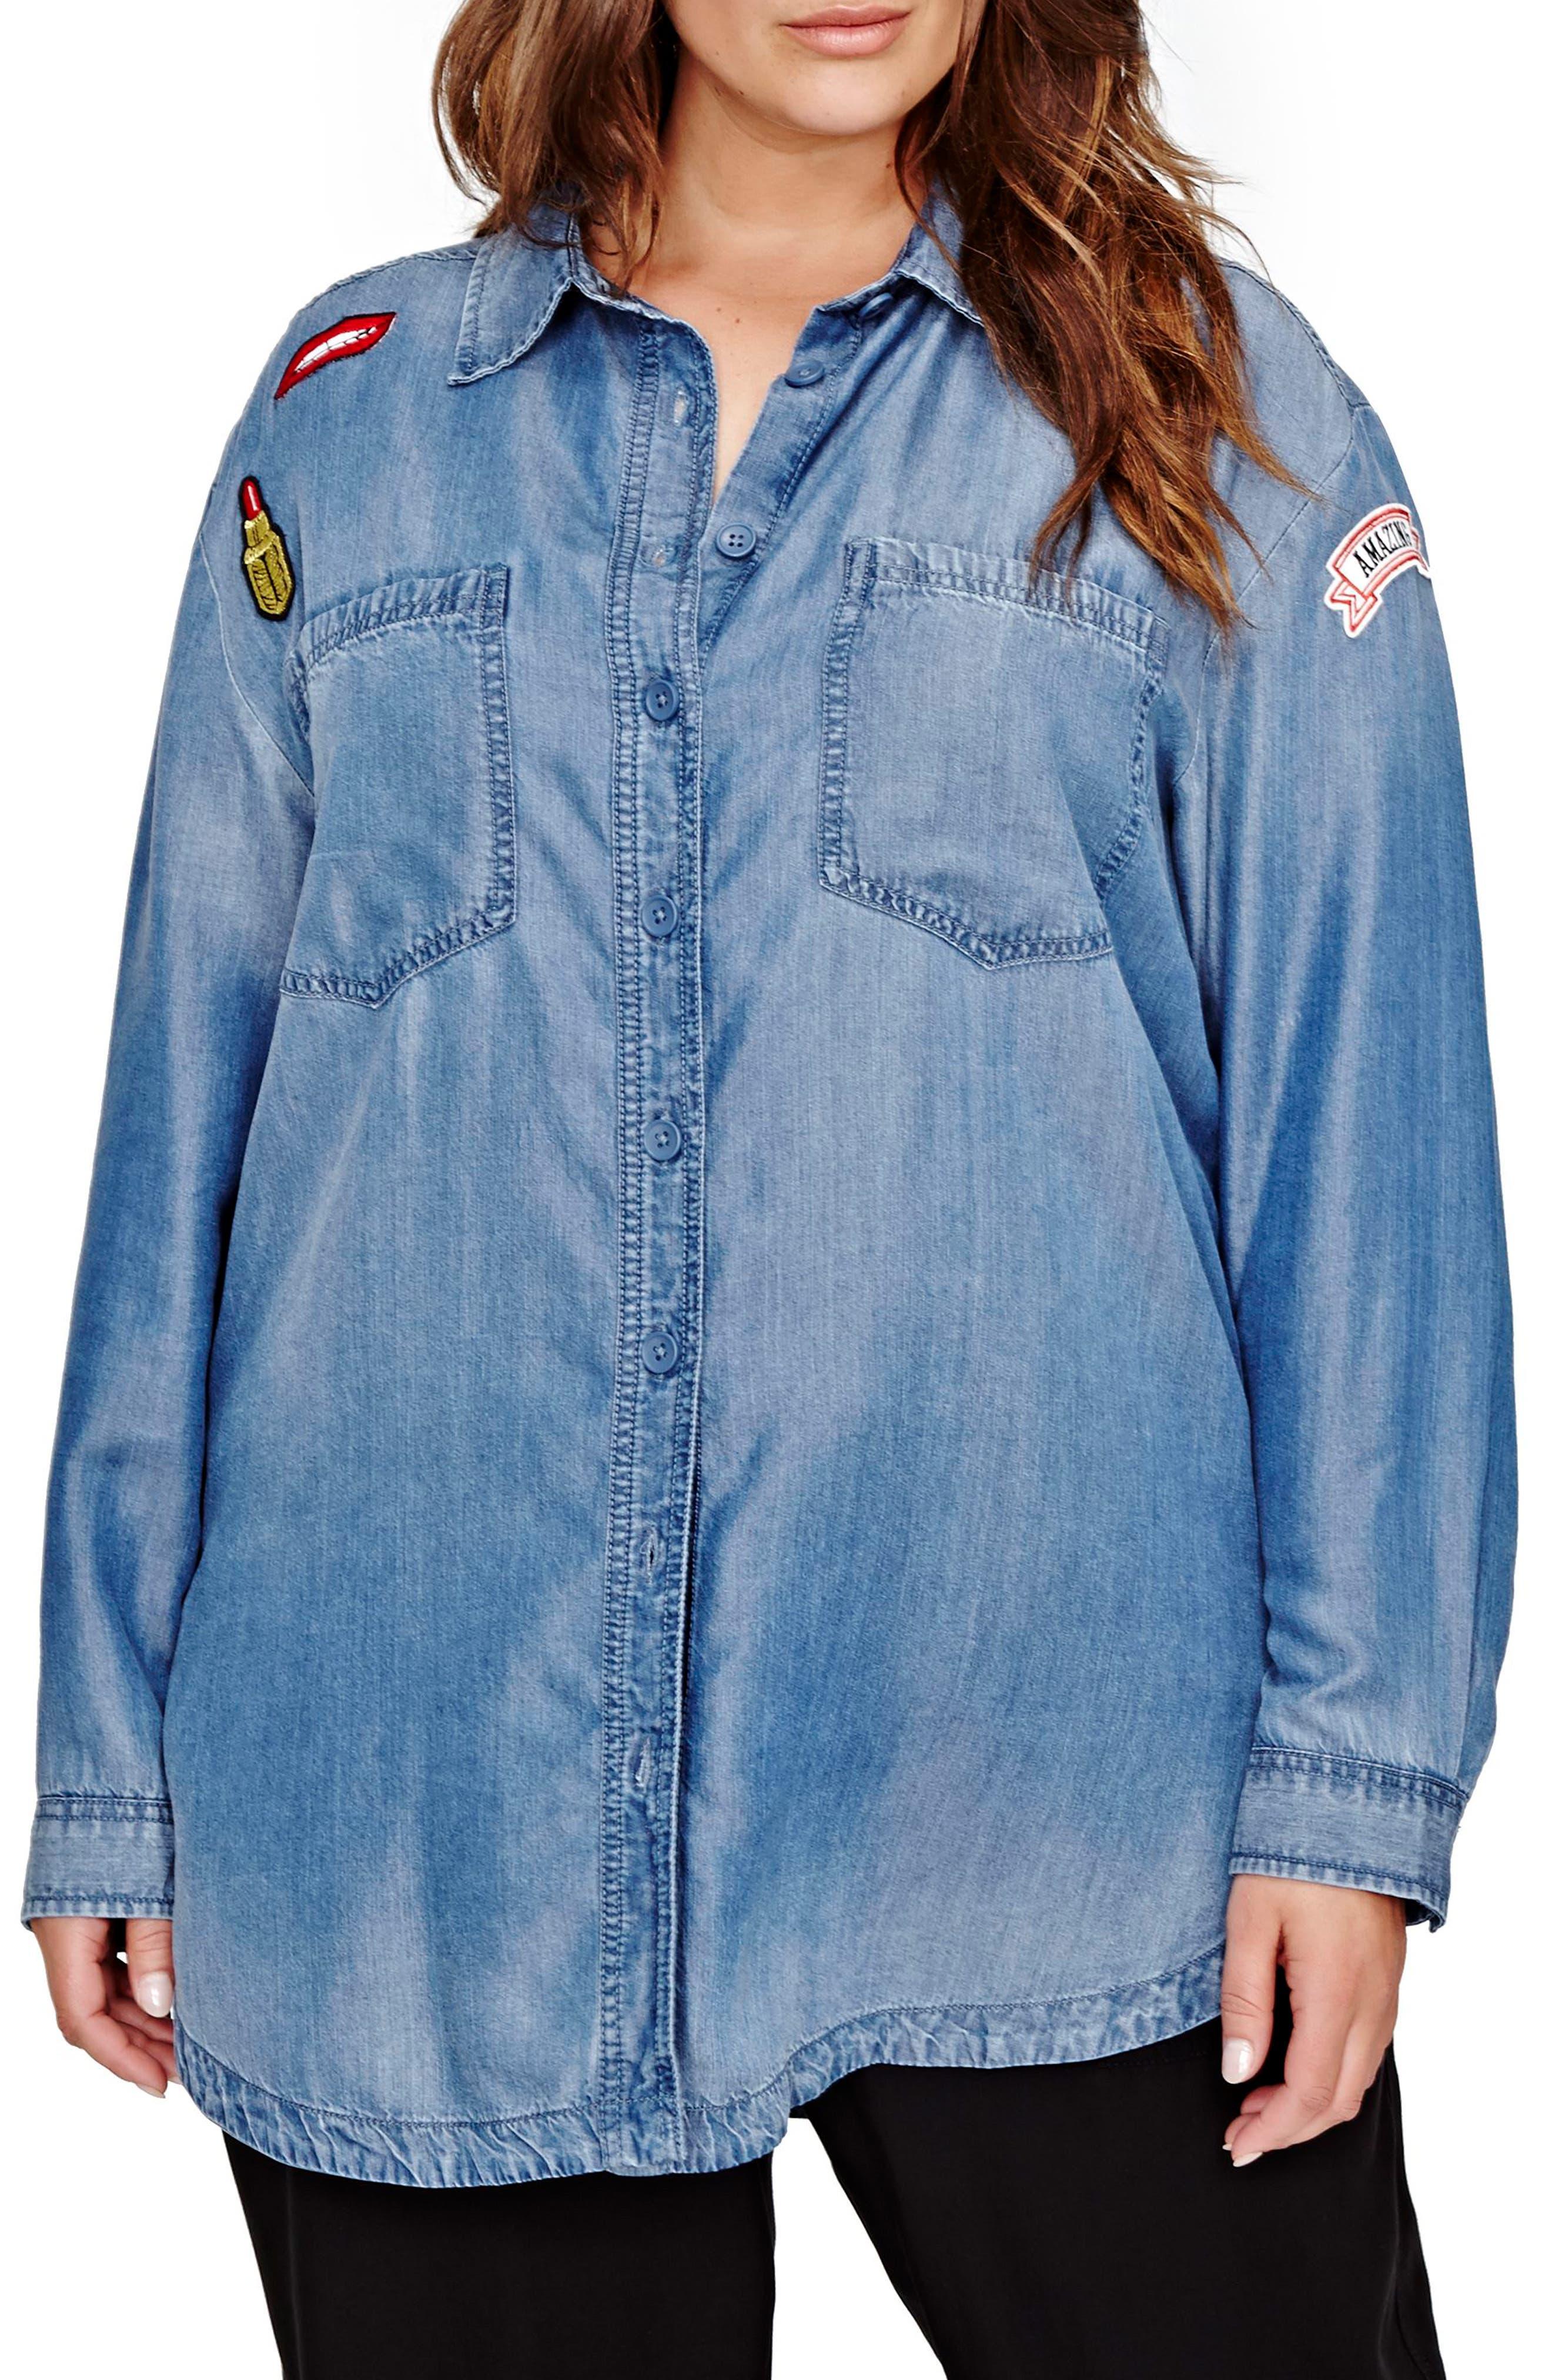 ADDITION ELLE LOVE & LEGEND Patch Denim Shirt (Plus Size)